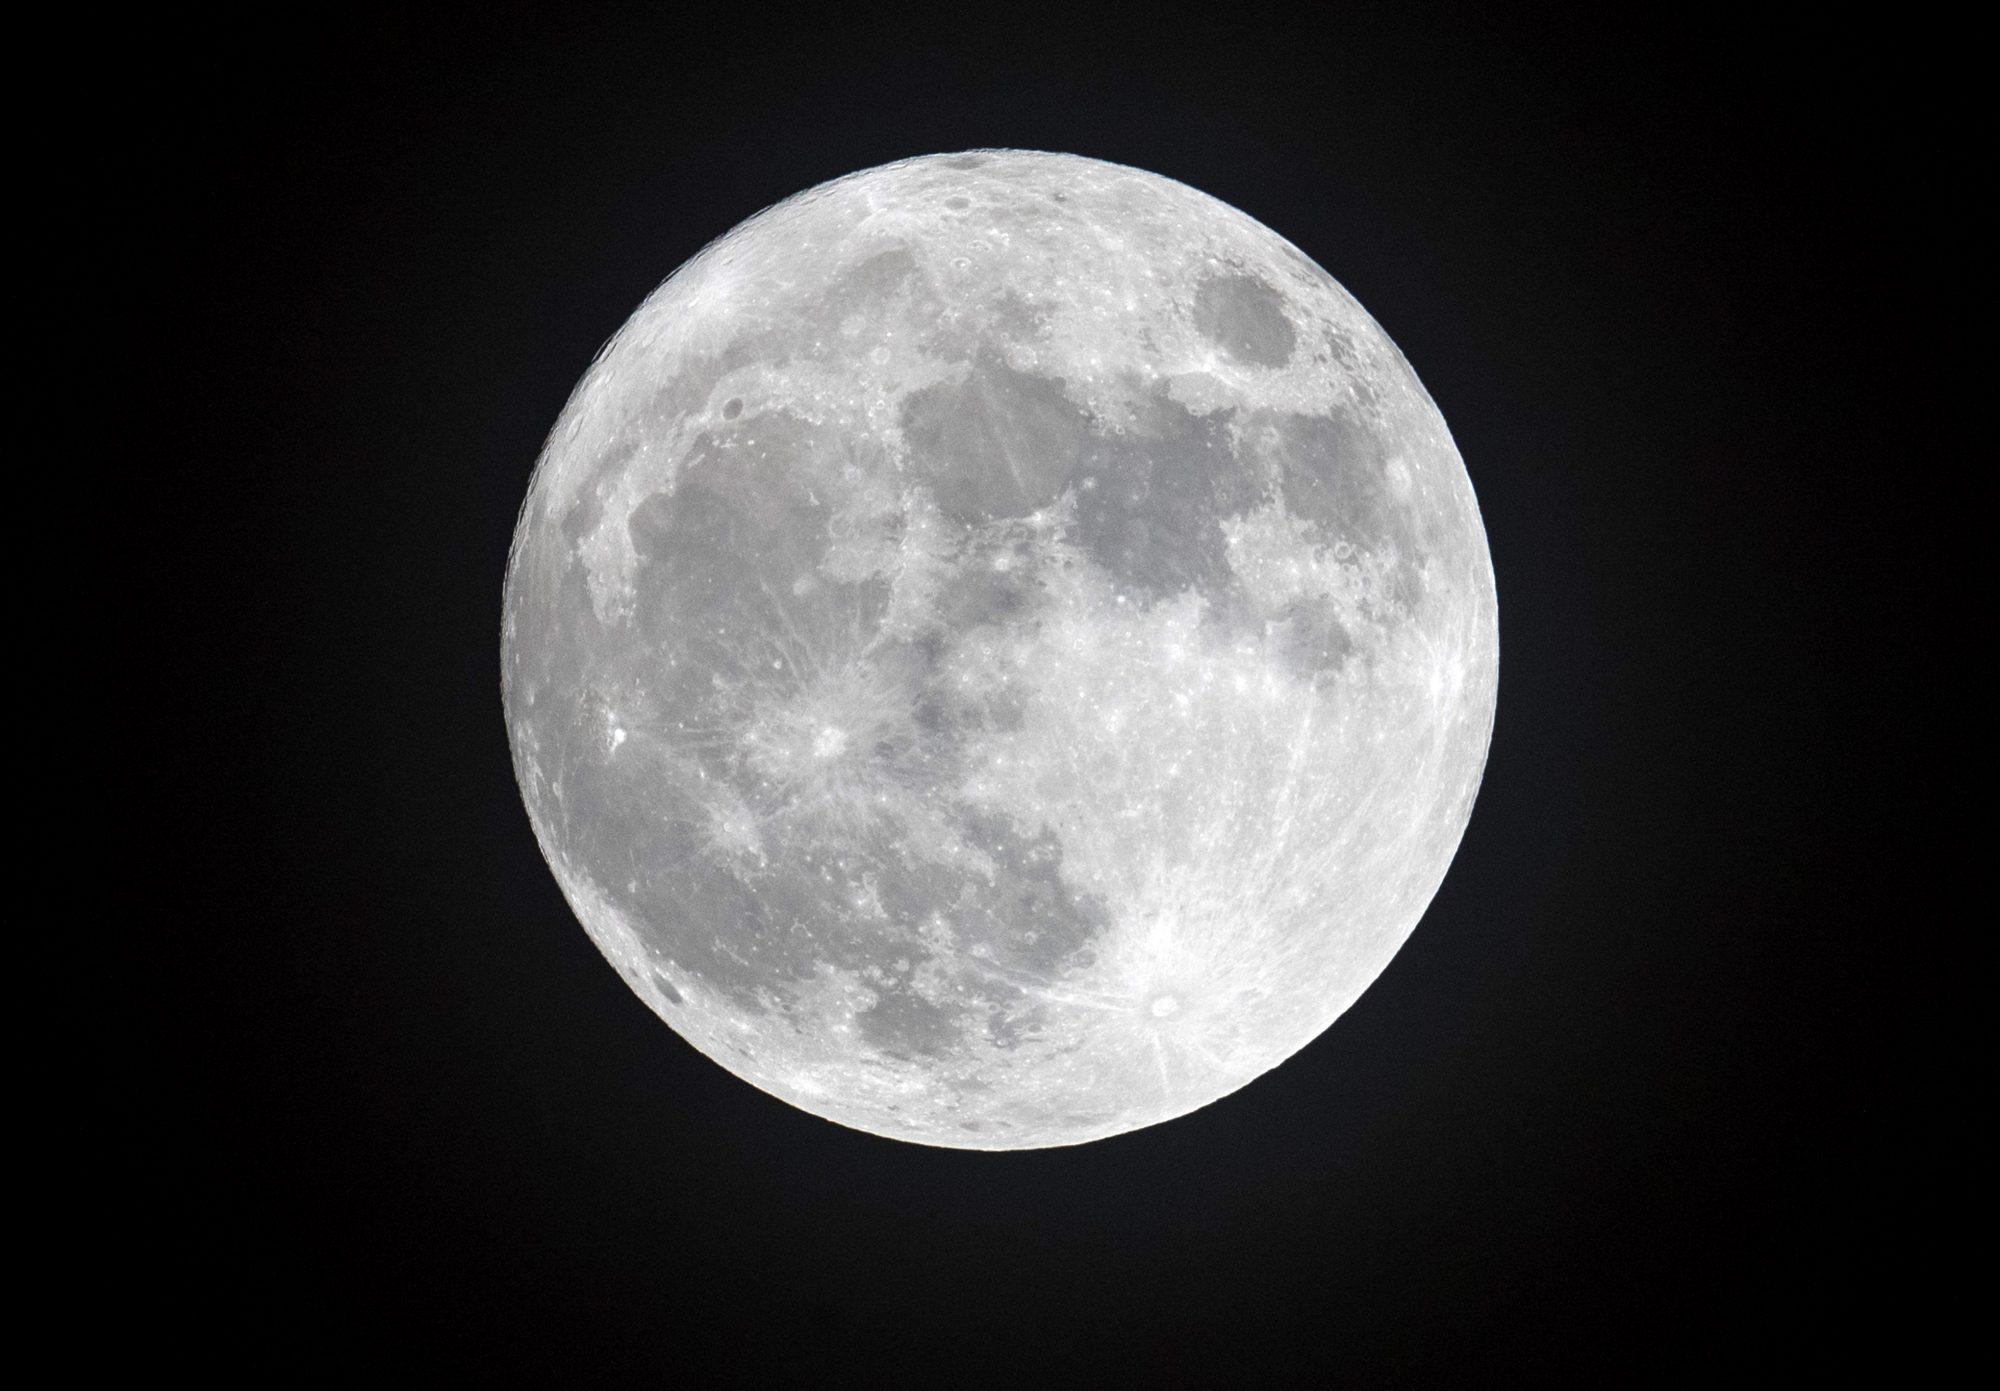 Full Moon, luna llena